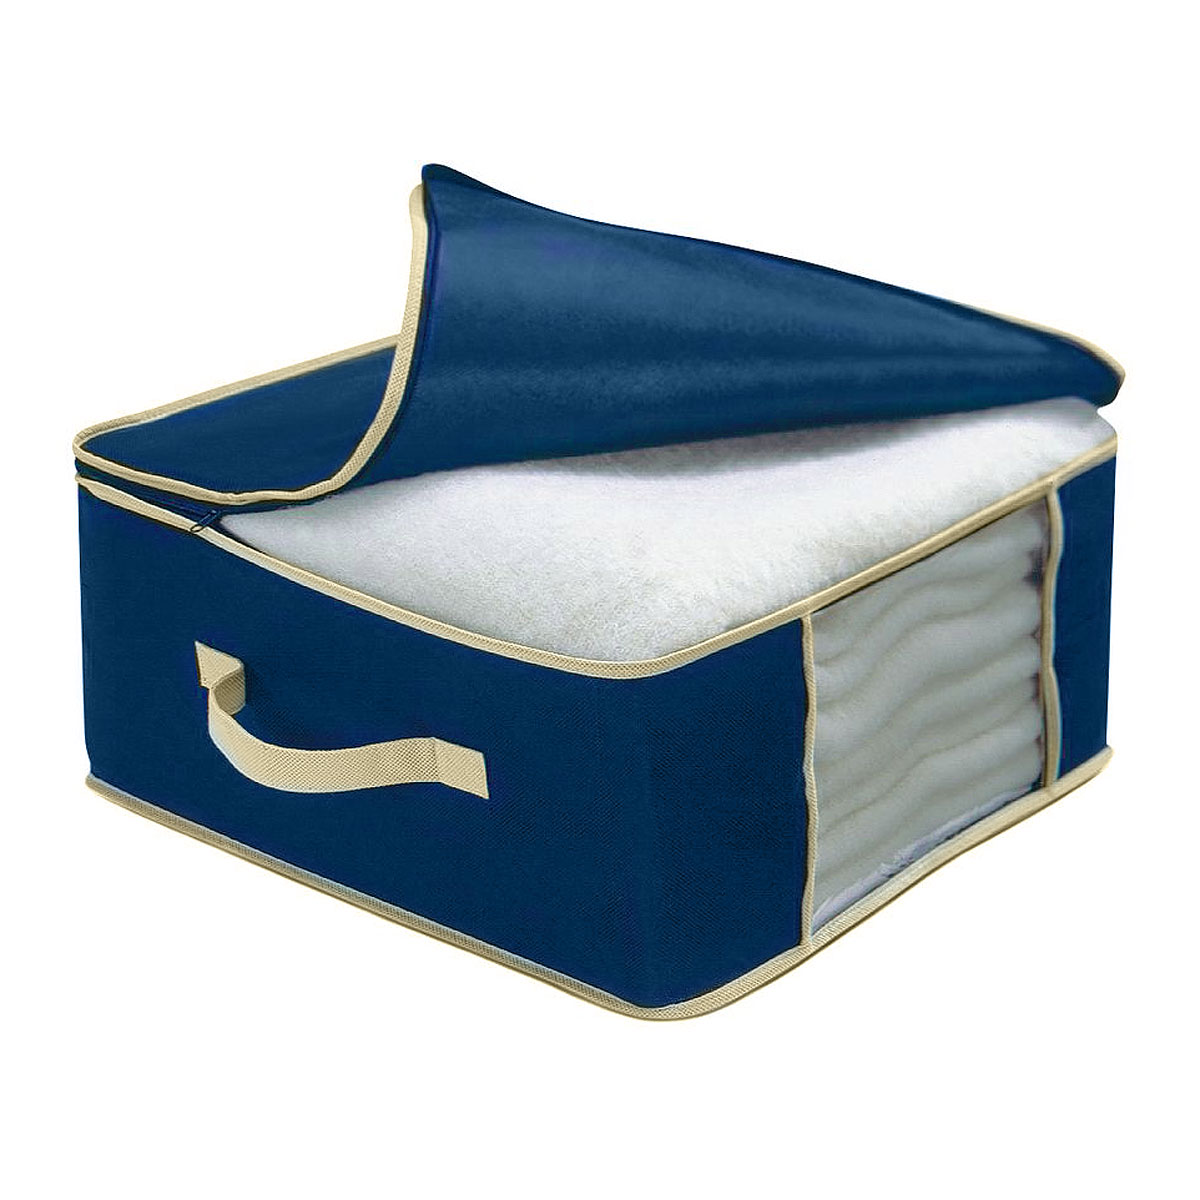 Чехол для одеяла Cosatto, цвет: синий, 45 х 45 х 20 смПЦ3722Чехол для одеяла Cosatto изготовлен из дышащего нетканого материала (полипропилена), безопасного в использовании. Подходит для одинарных шерстяных или одинарных пуховых одеял. Имеет прозрачное окно и застежку-молнию по периметру, а также ручку для переноски.